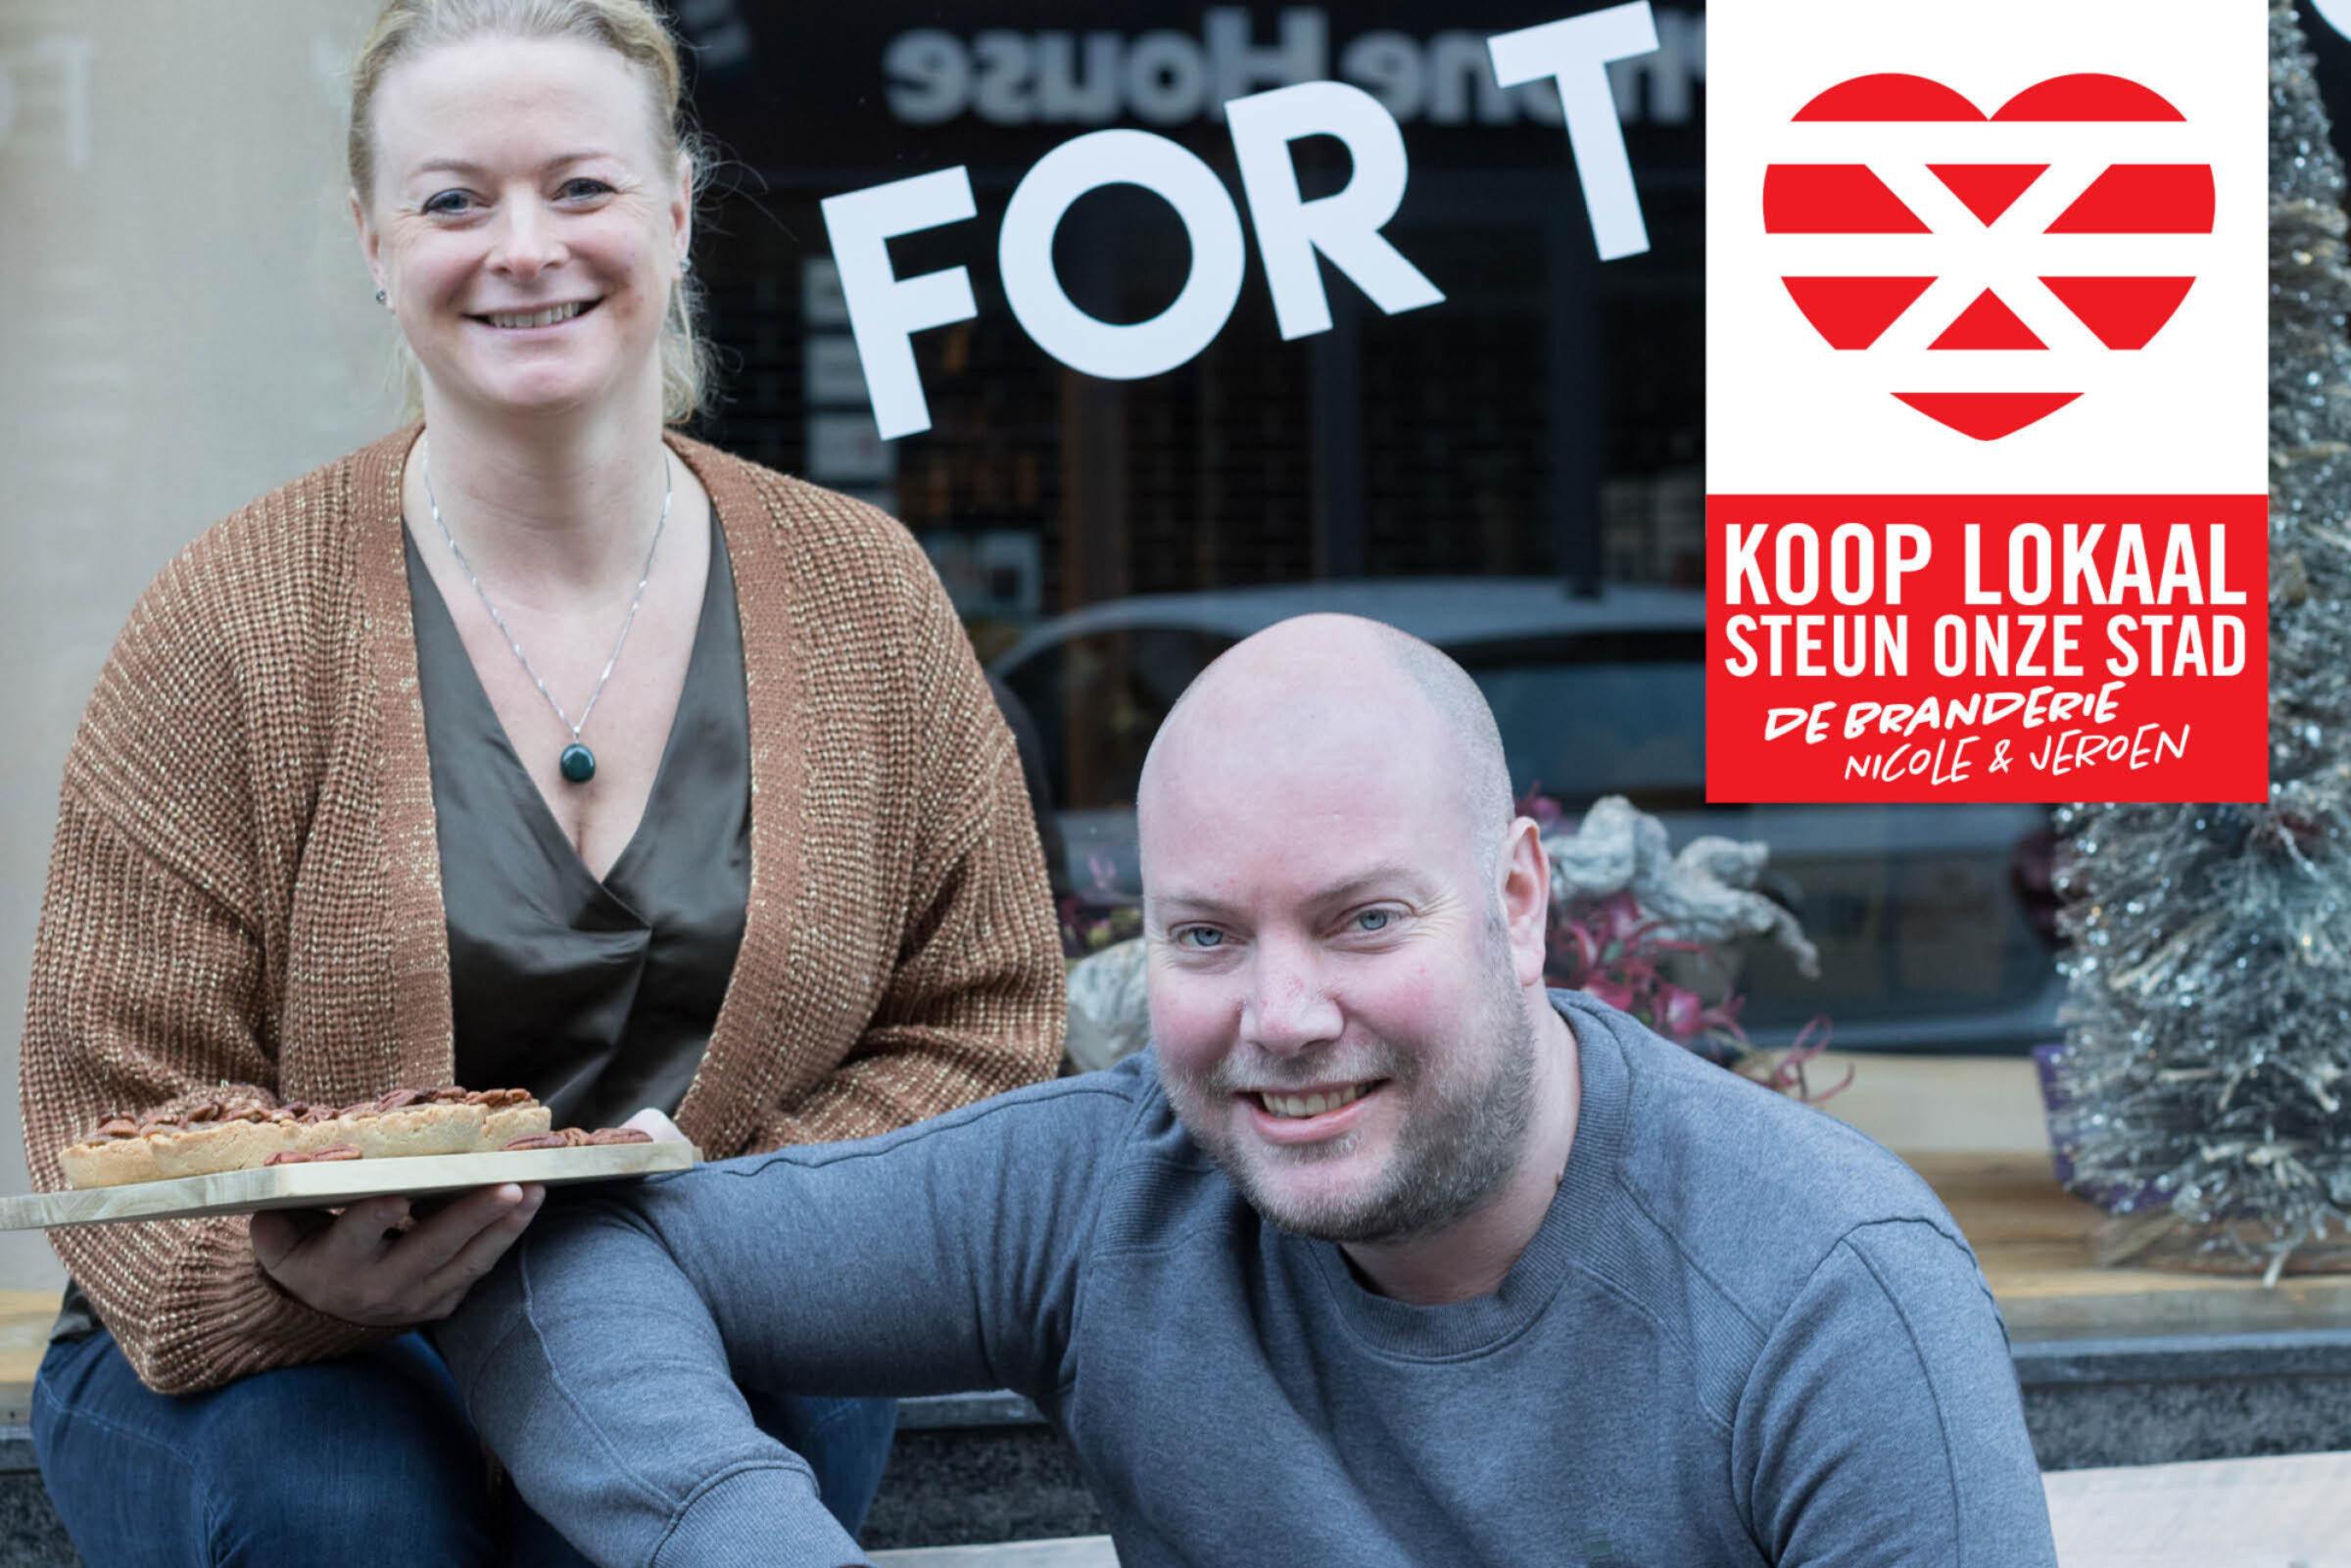 Steun onze stad Koop lokaal Enschede De Branderie Nicole Jeroen